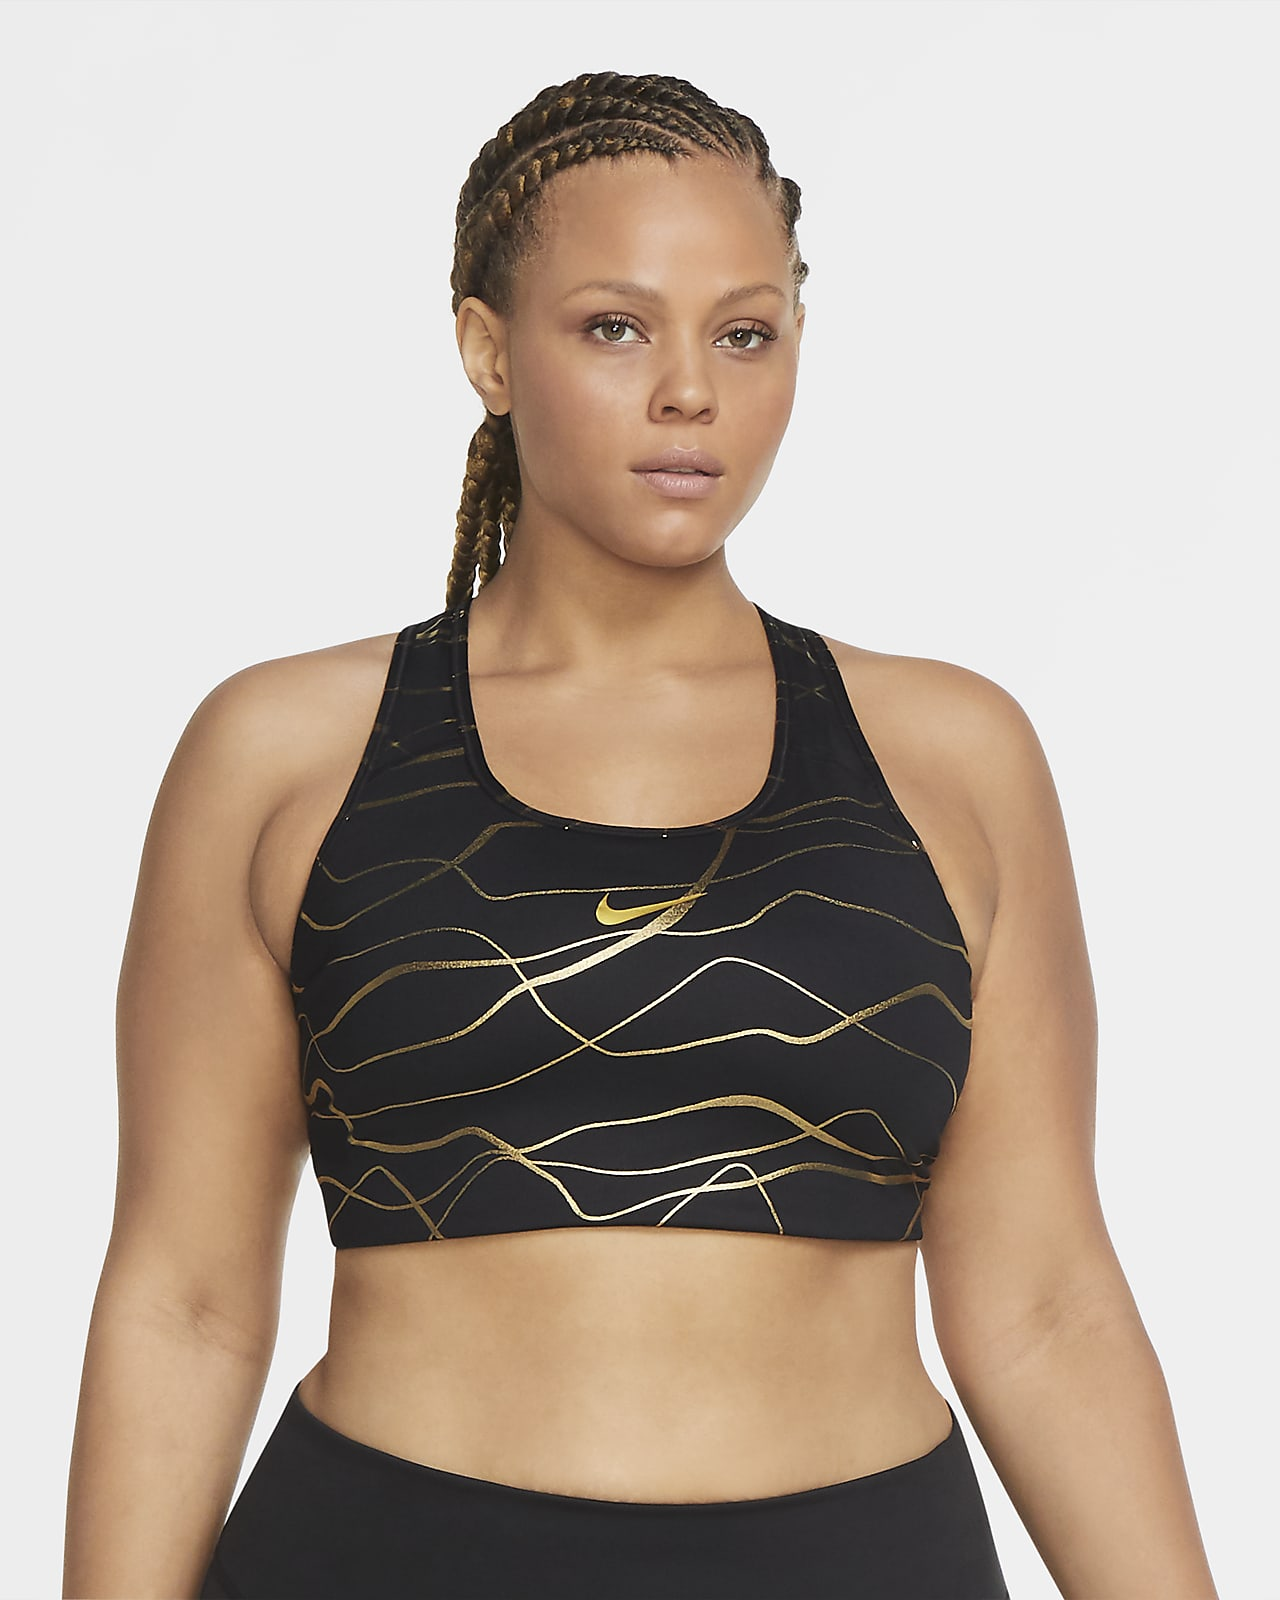 Bra stampato non imbottito a sostegno medio con grafica Nike Swoosh Icon Clash (Plus size) - Donna